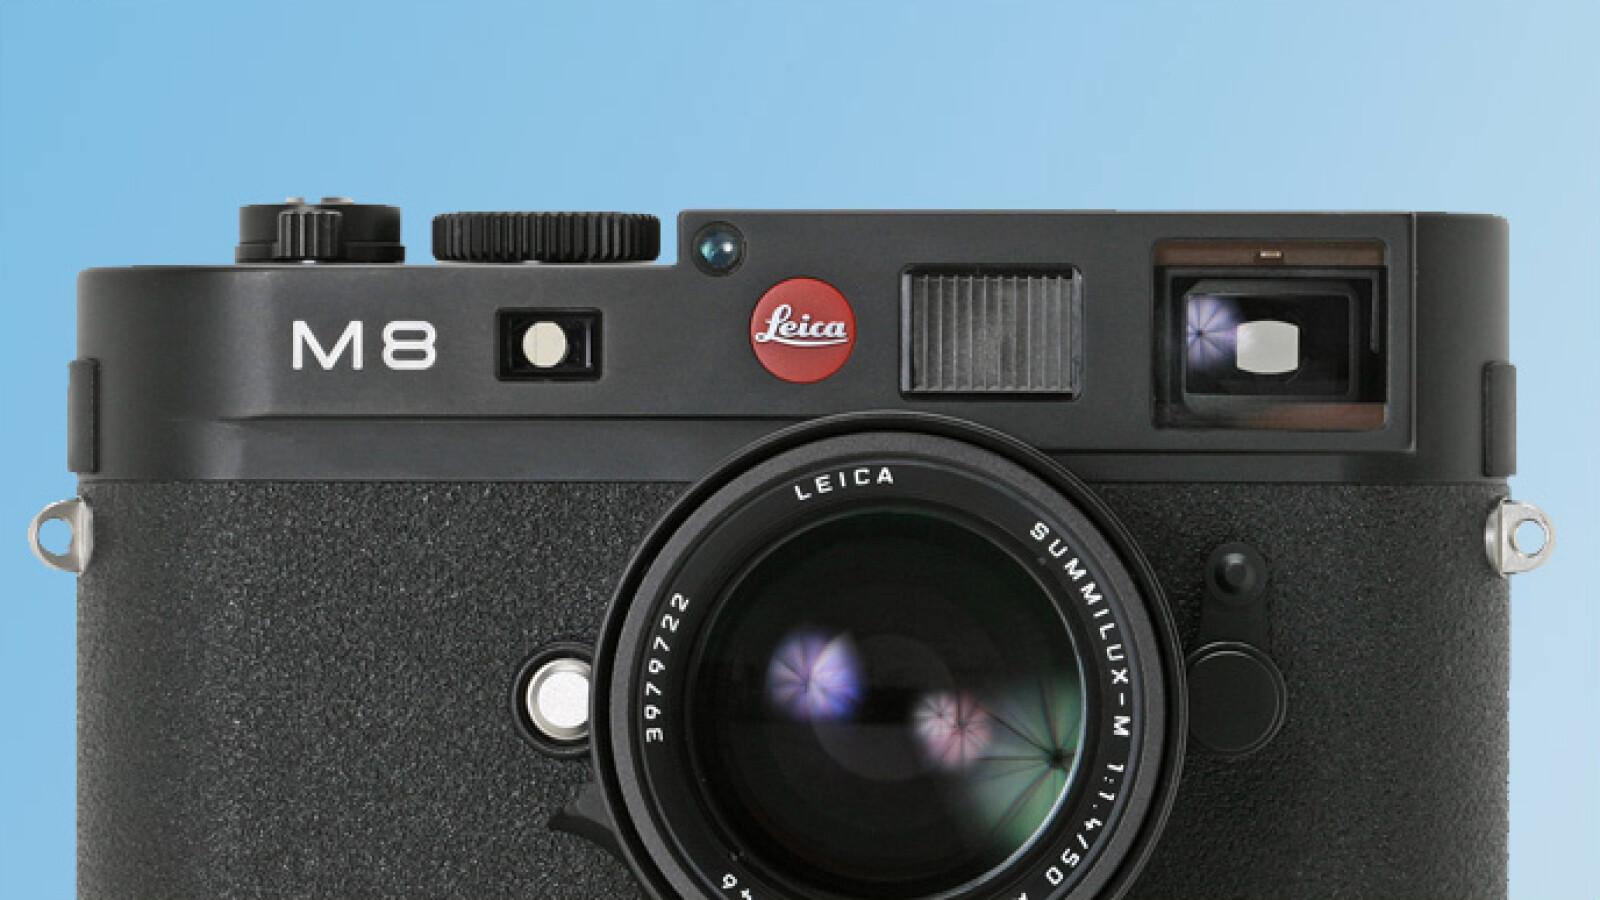 Leica Entfernungsmesser Einstellen : Leica m im test netzwelt